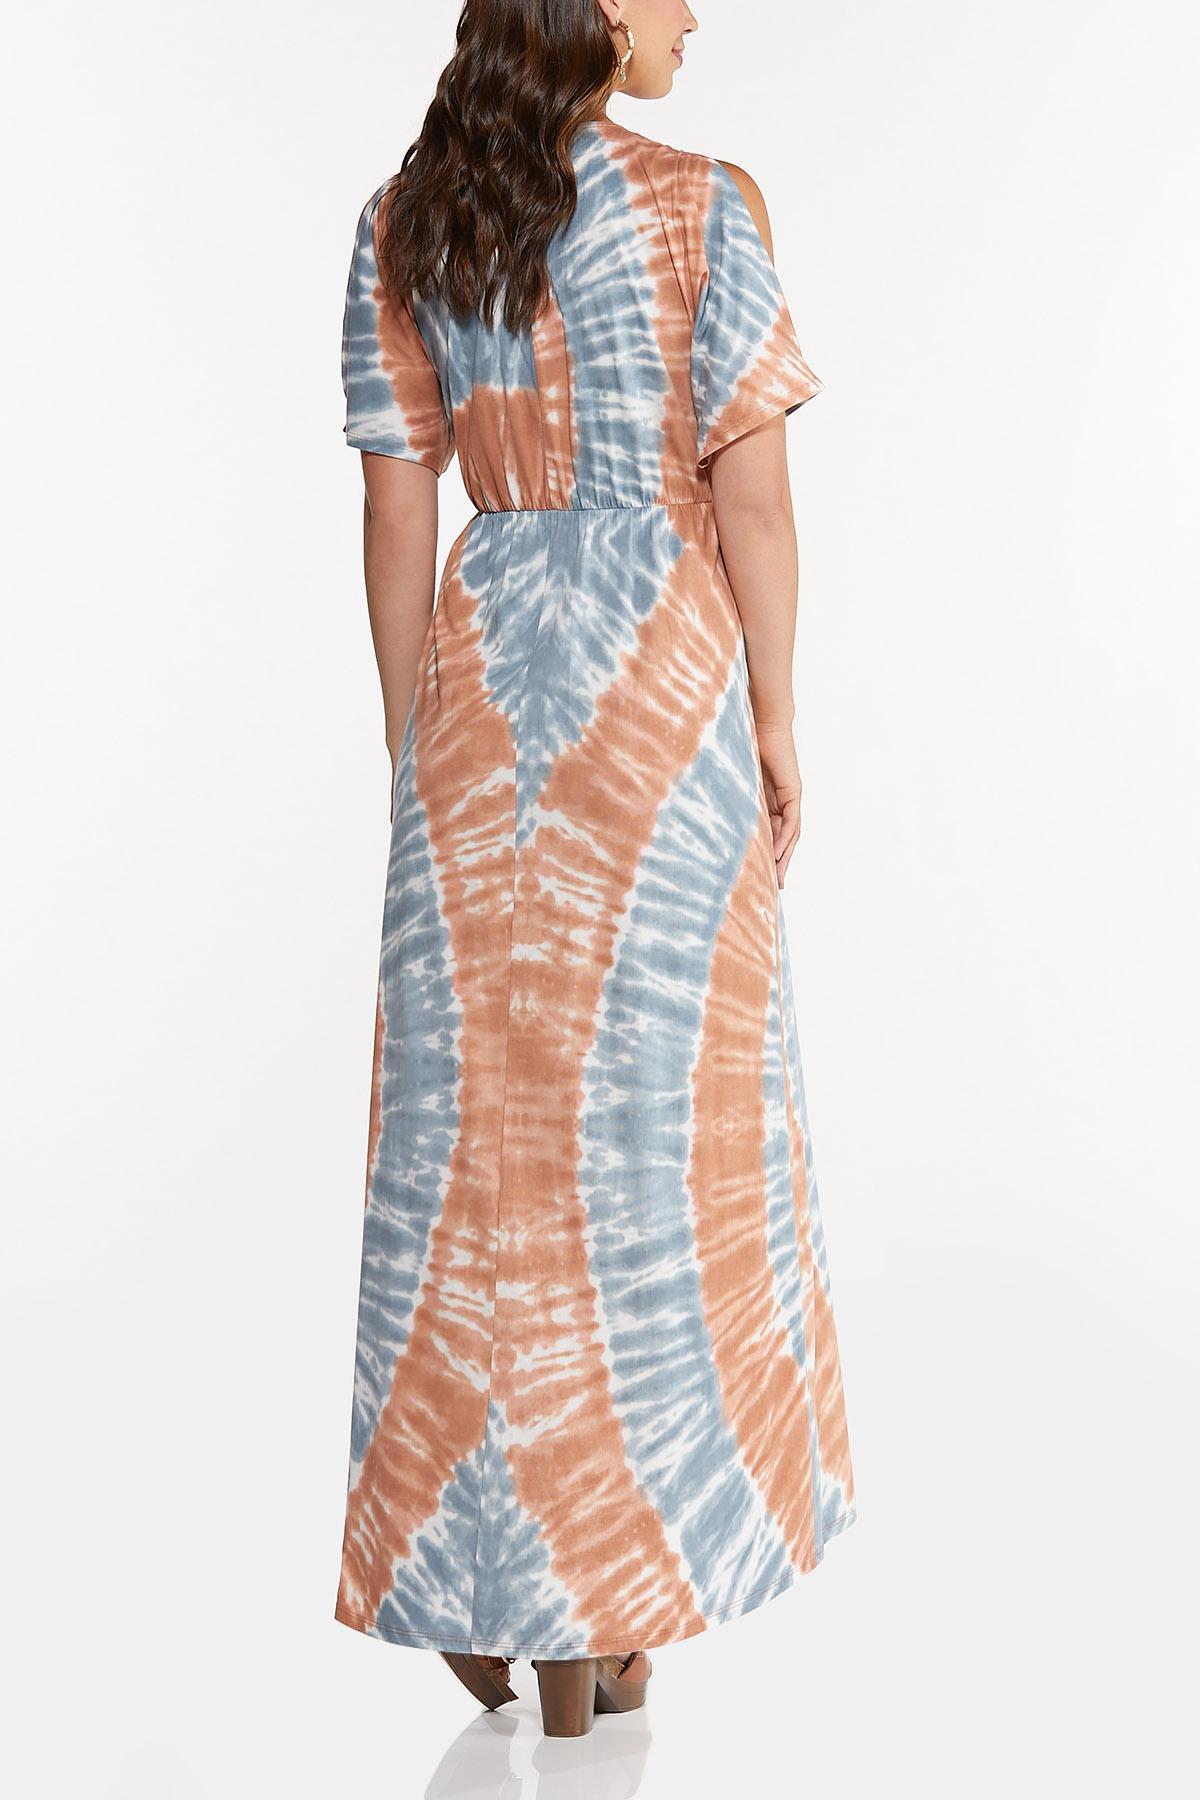 Petite Cold Shoulder Tie Dye Maxi Dress (Item #44658478)